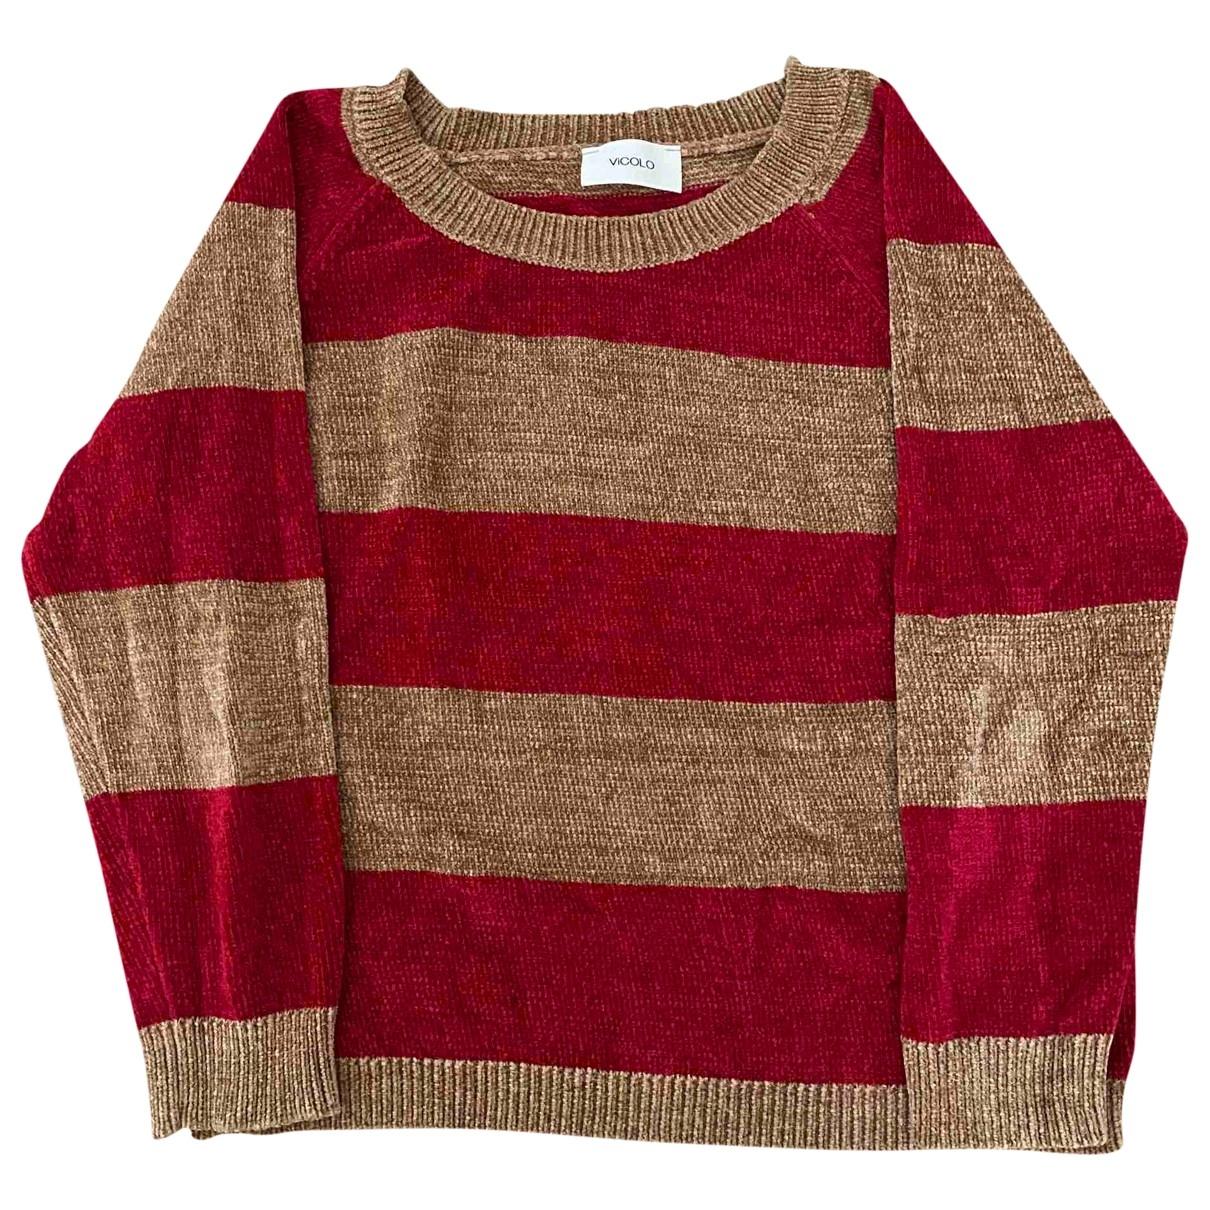 Vicolo \N Multicolour Knitwear for Women One Size IT